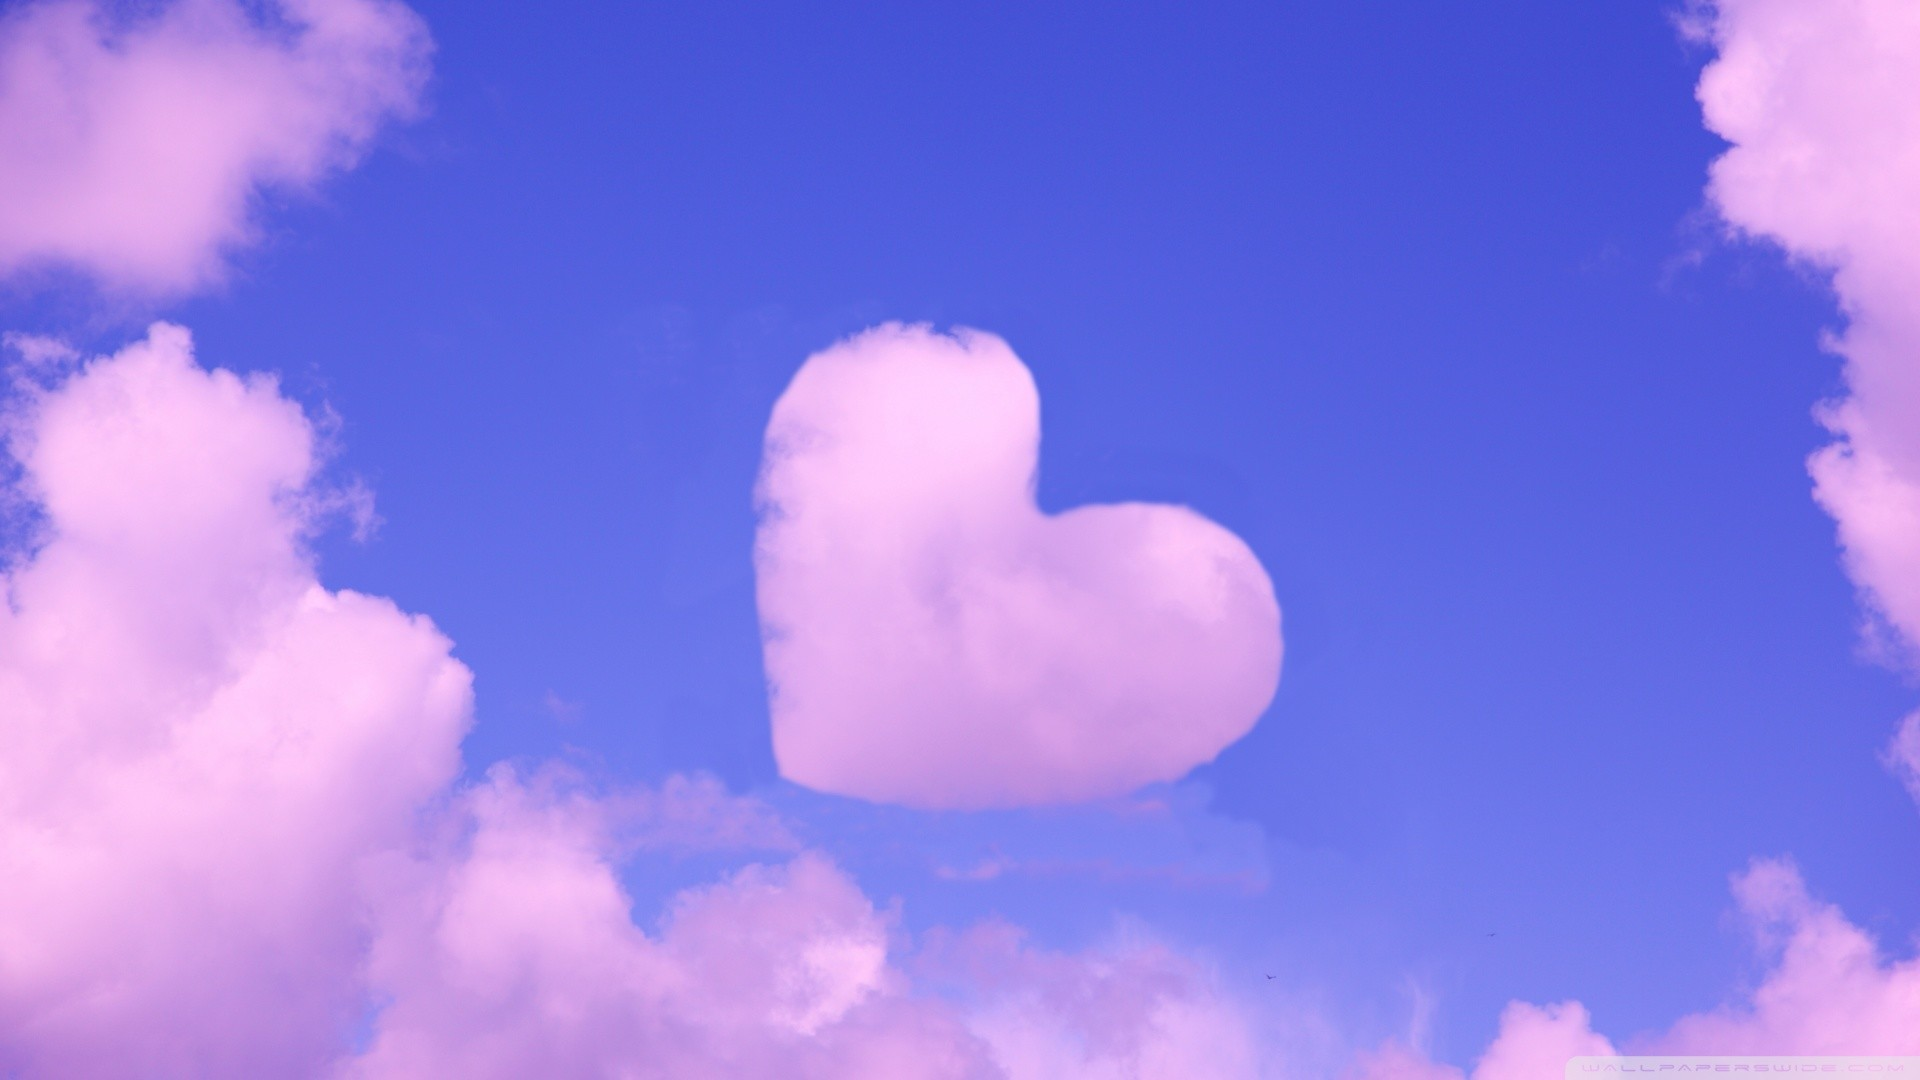 Pink Heart Cloud Wallpaper Pink, Heart, Cloud